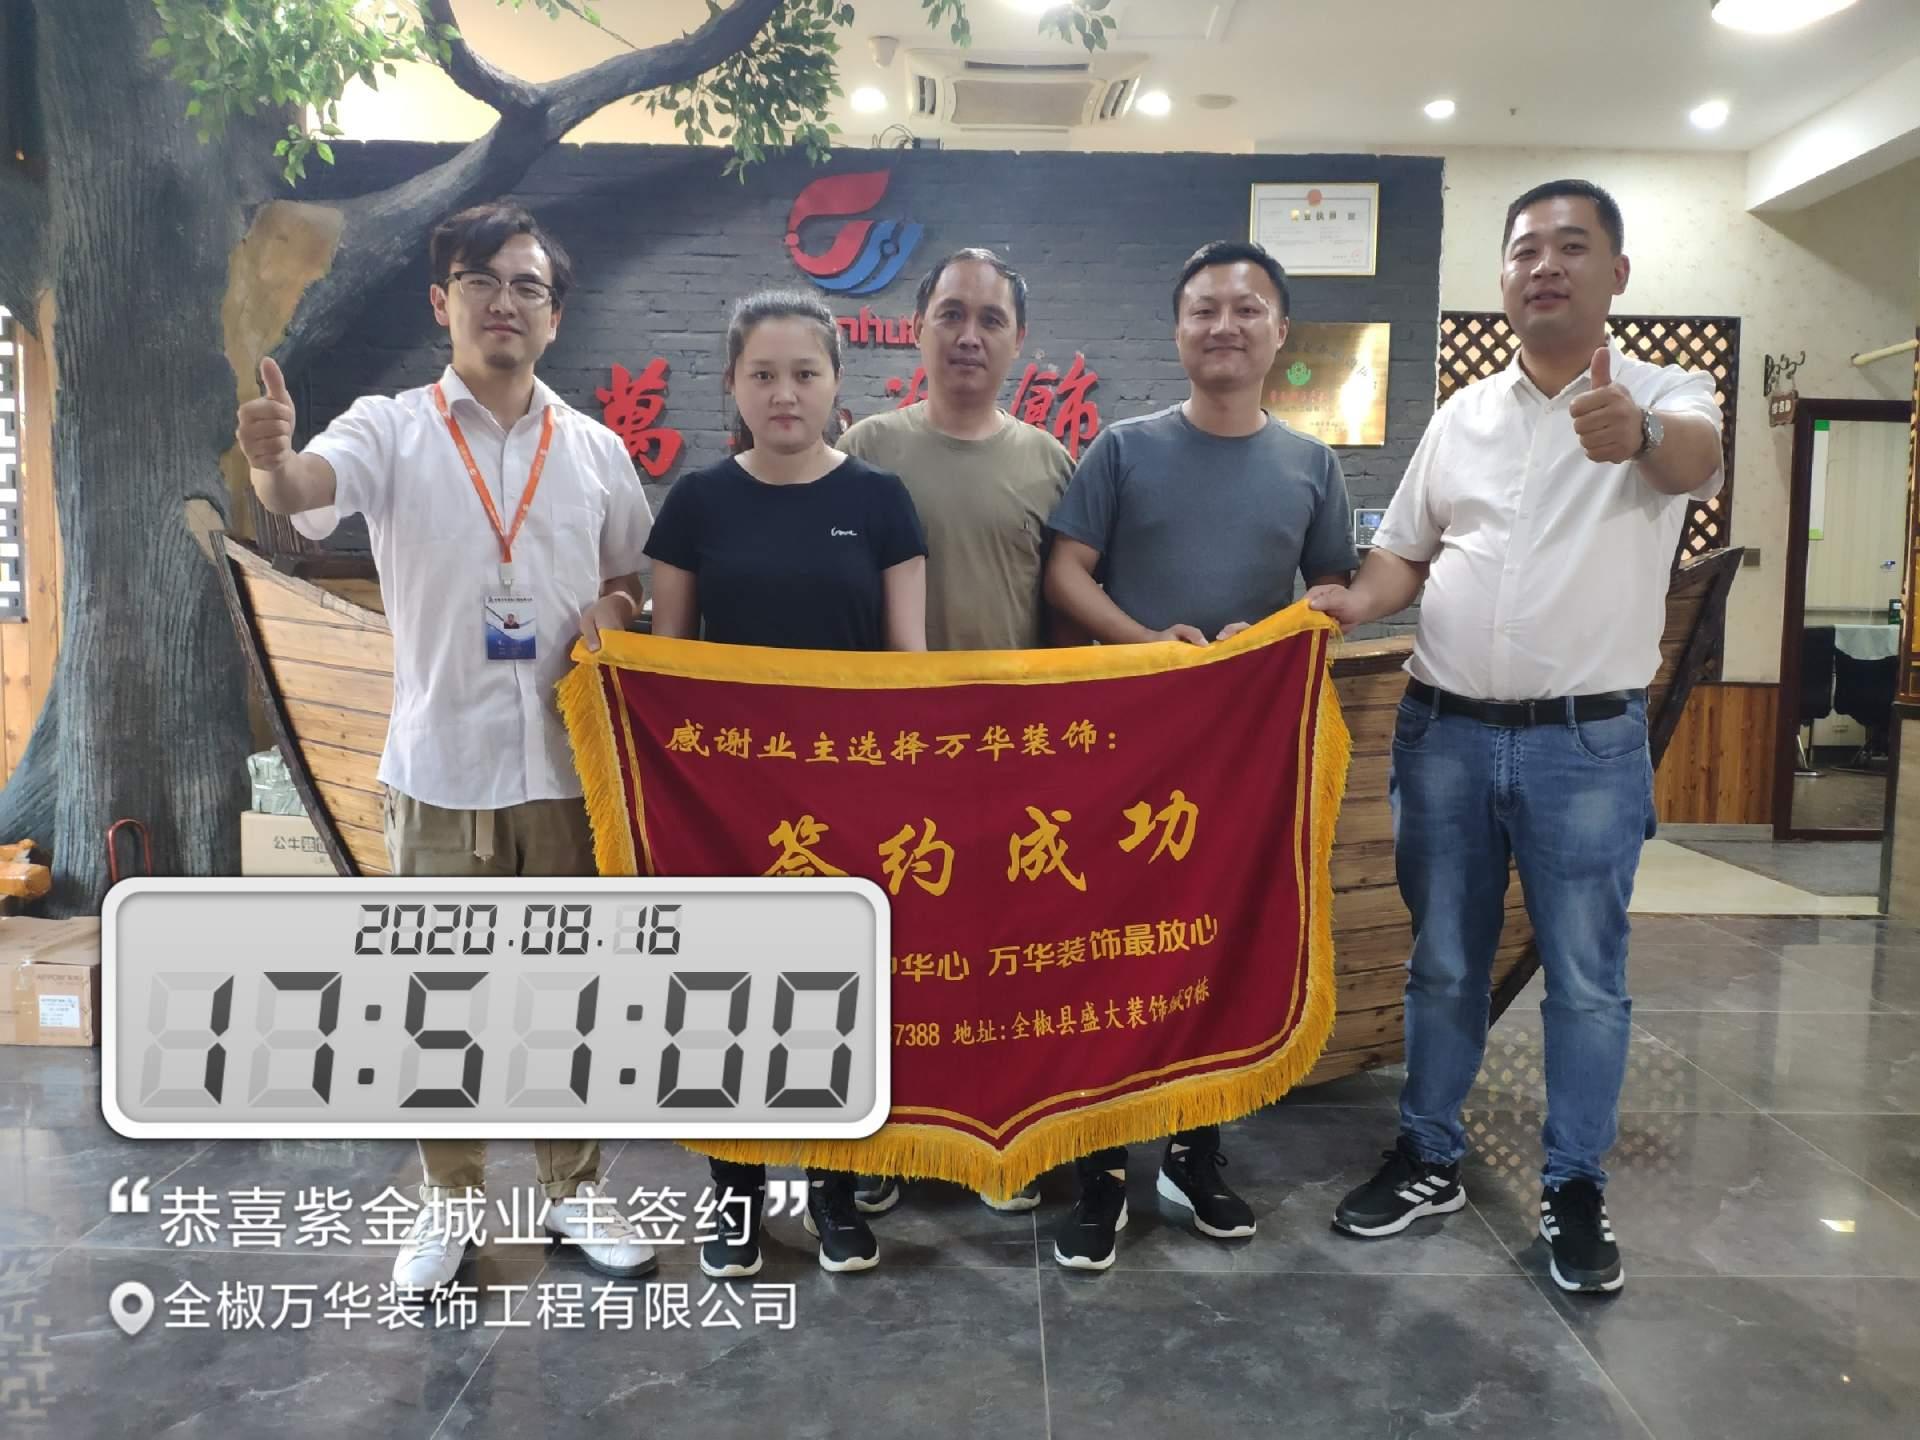 2020年8月16号,恭喜紫金城业主,卞恒东老师签约成功